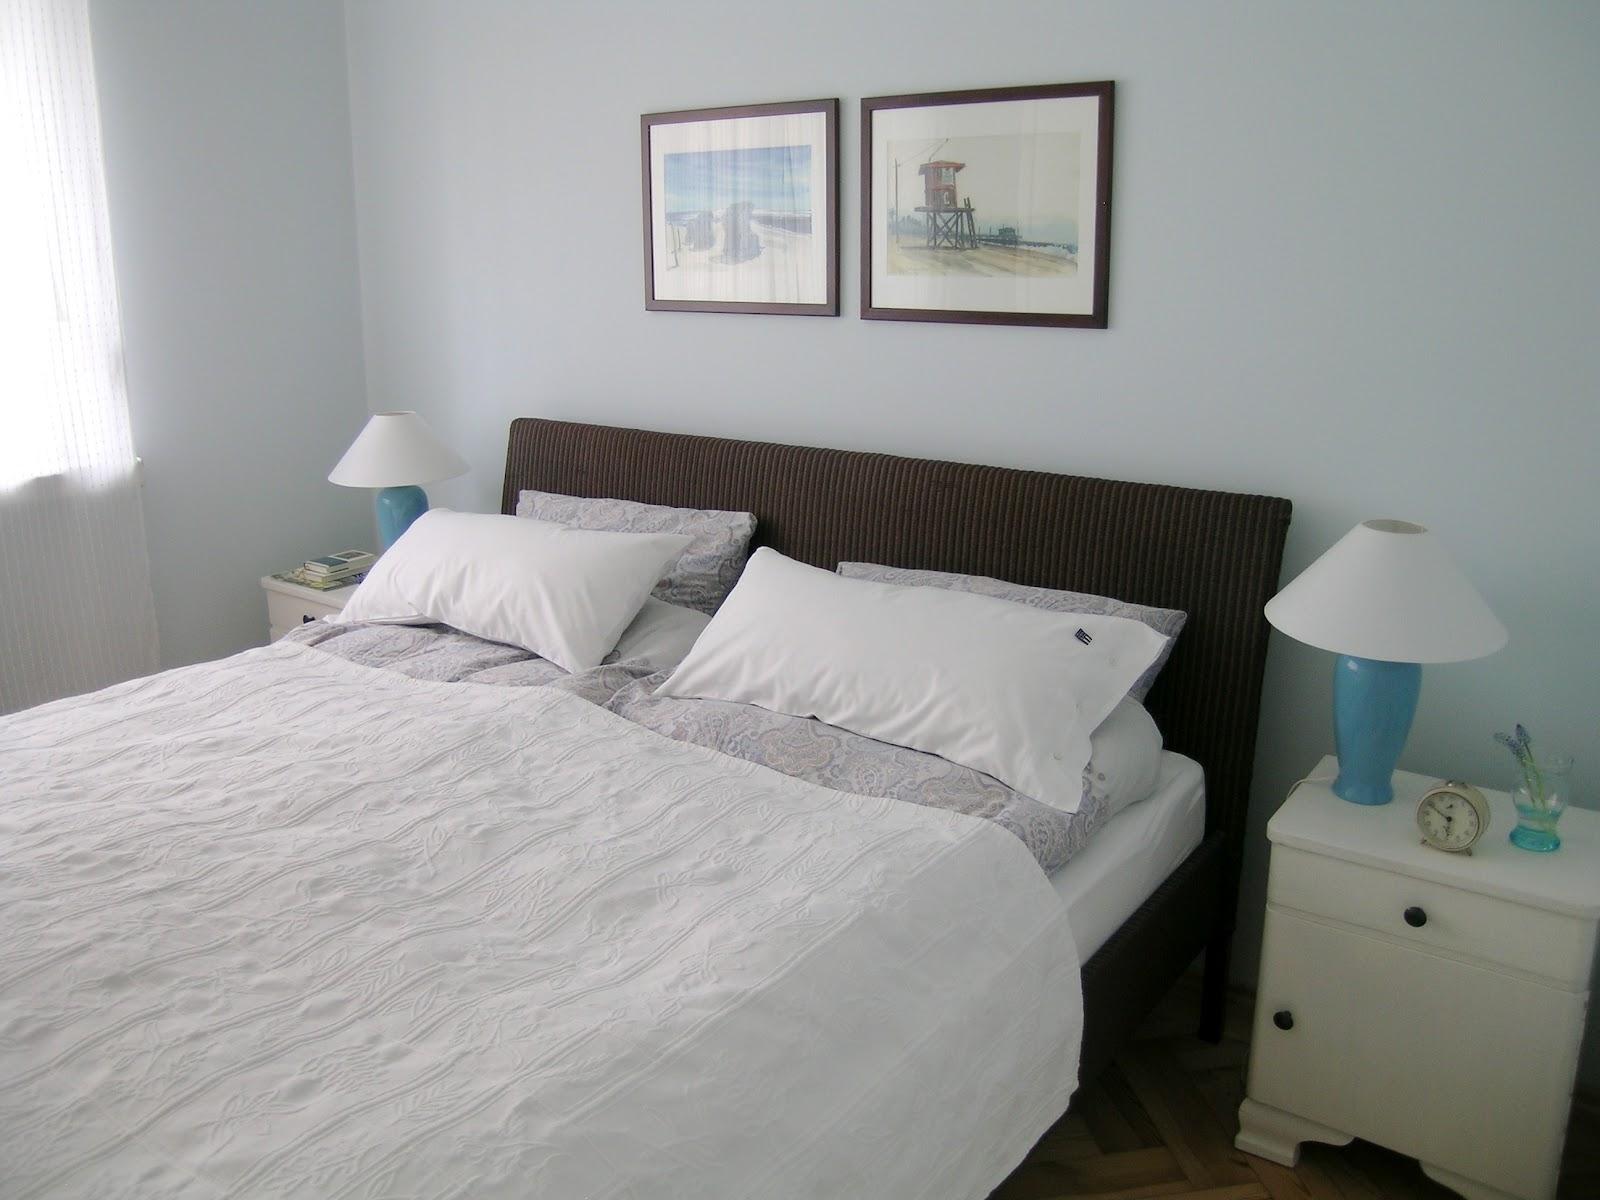 Flohmarktfee mein blaues schlafzimmer - Blaues schlafzimmer ...